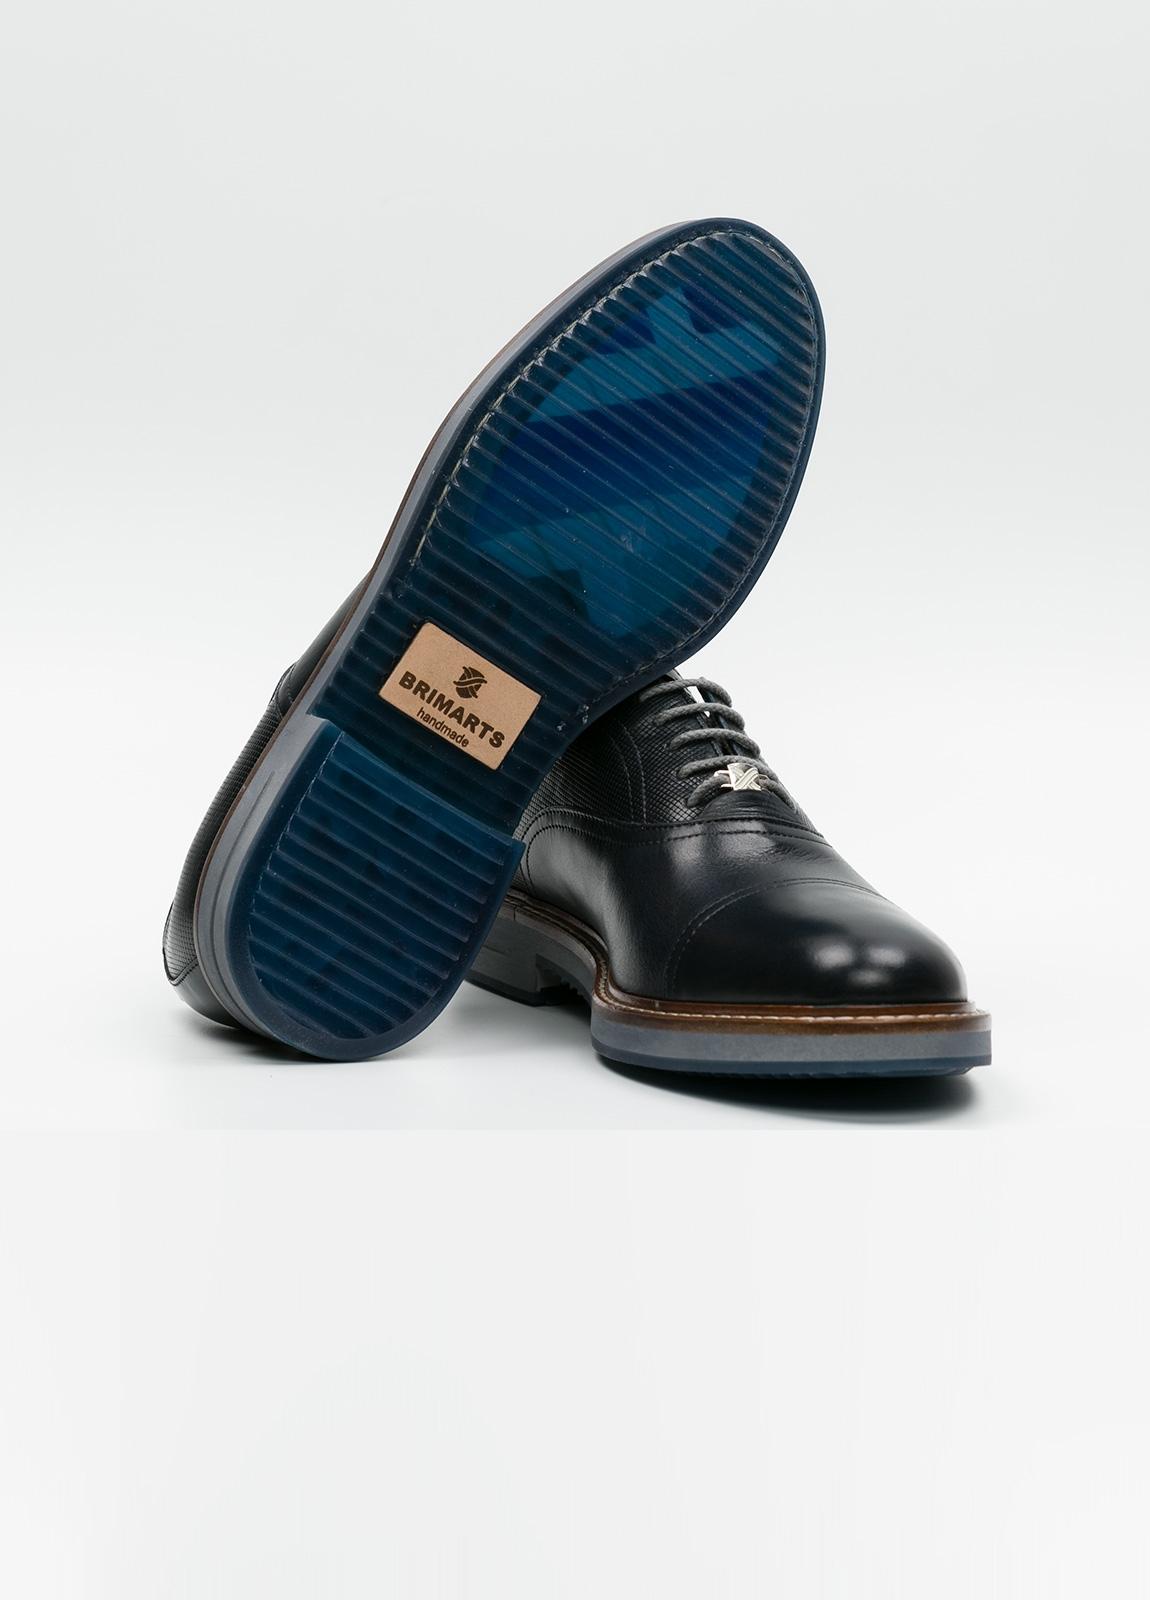 Zapato Formal Wear con cordones color marrón oscuro combinación de piel lisa y grabada. 100% Piel. - Ítem1